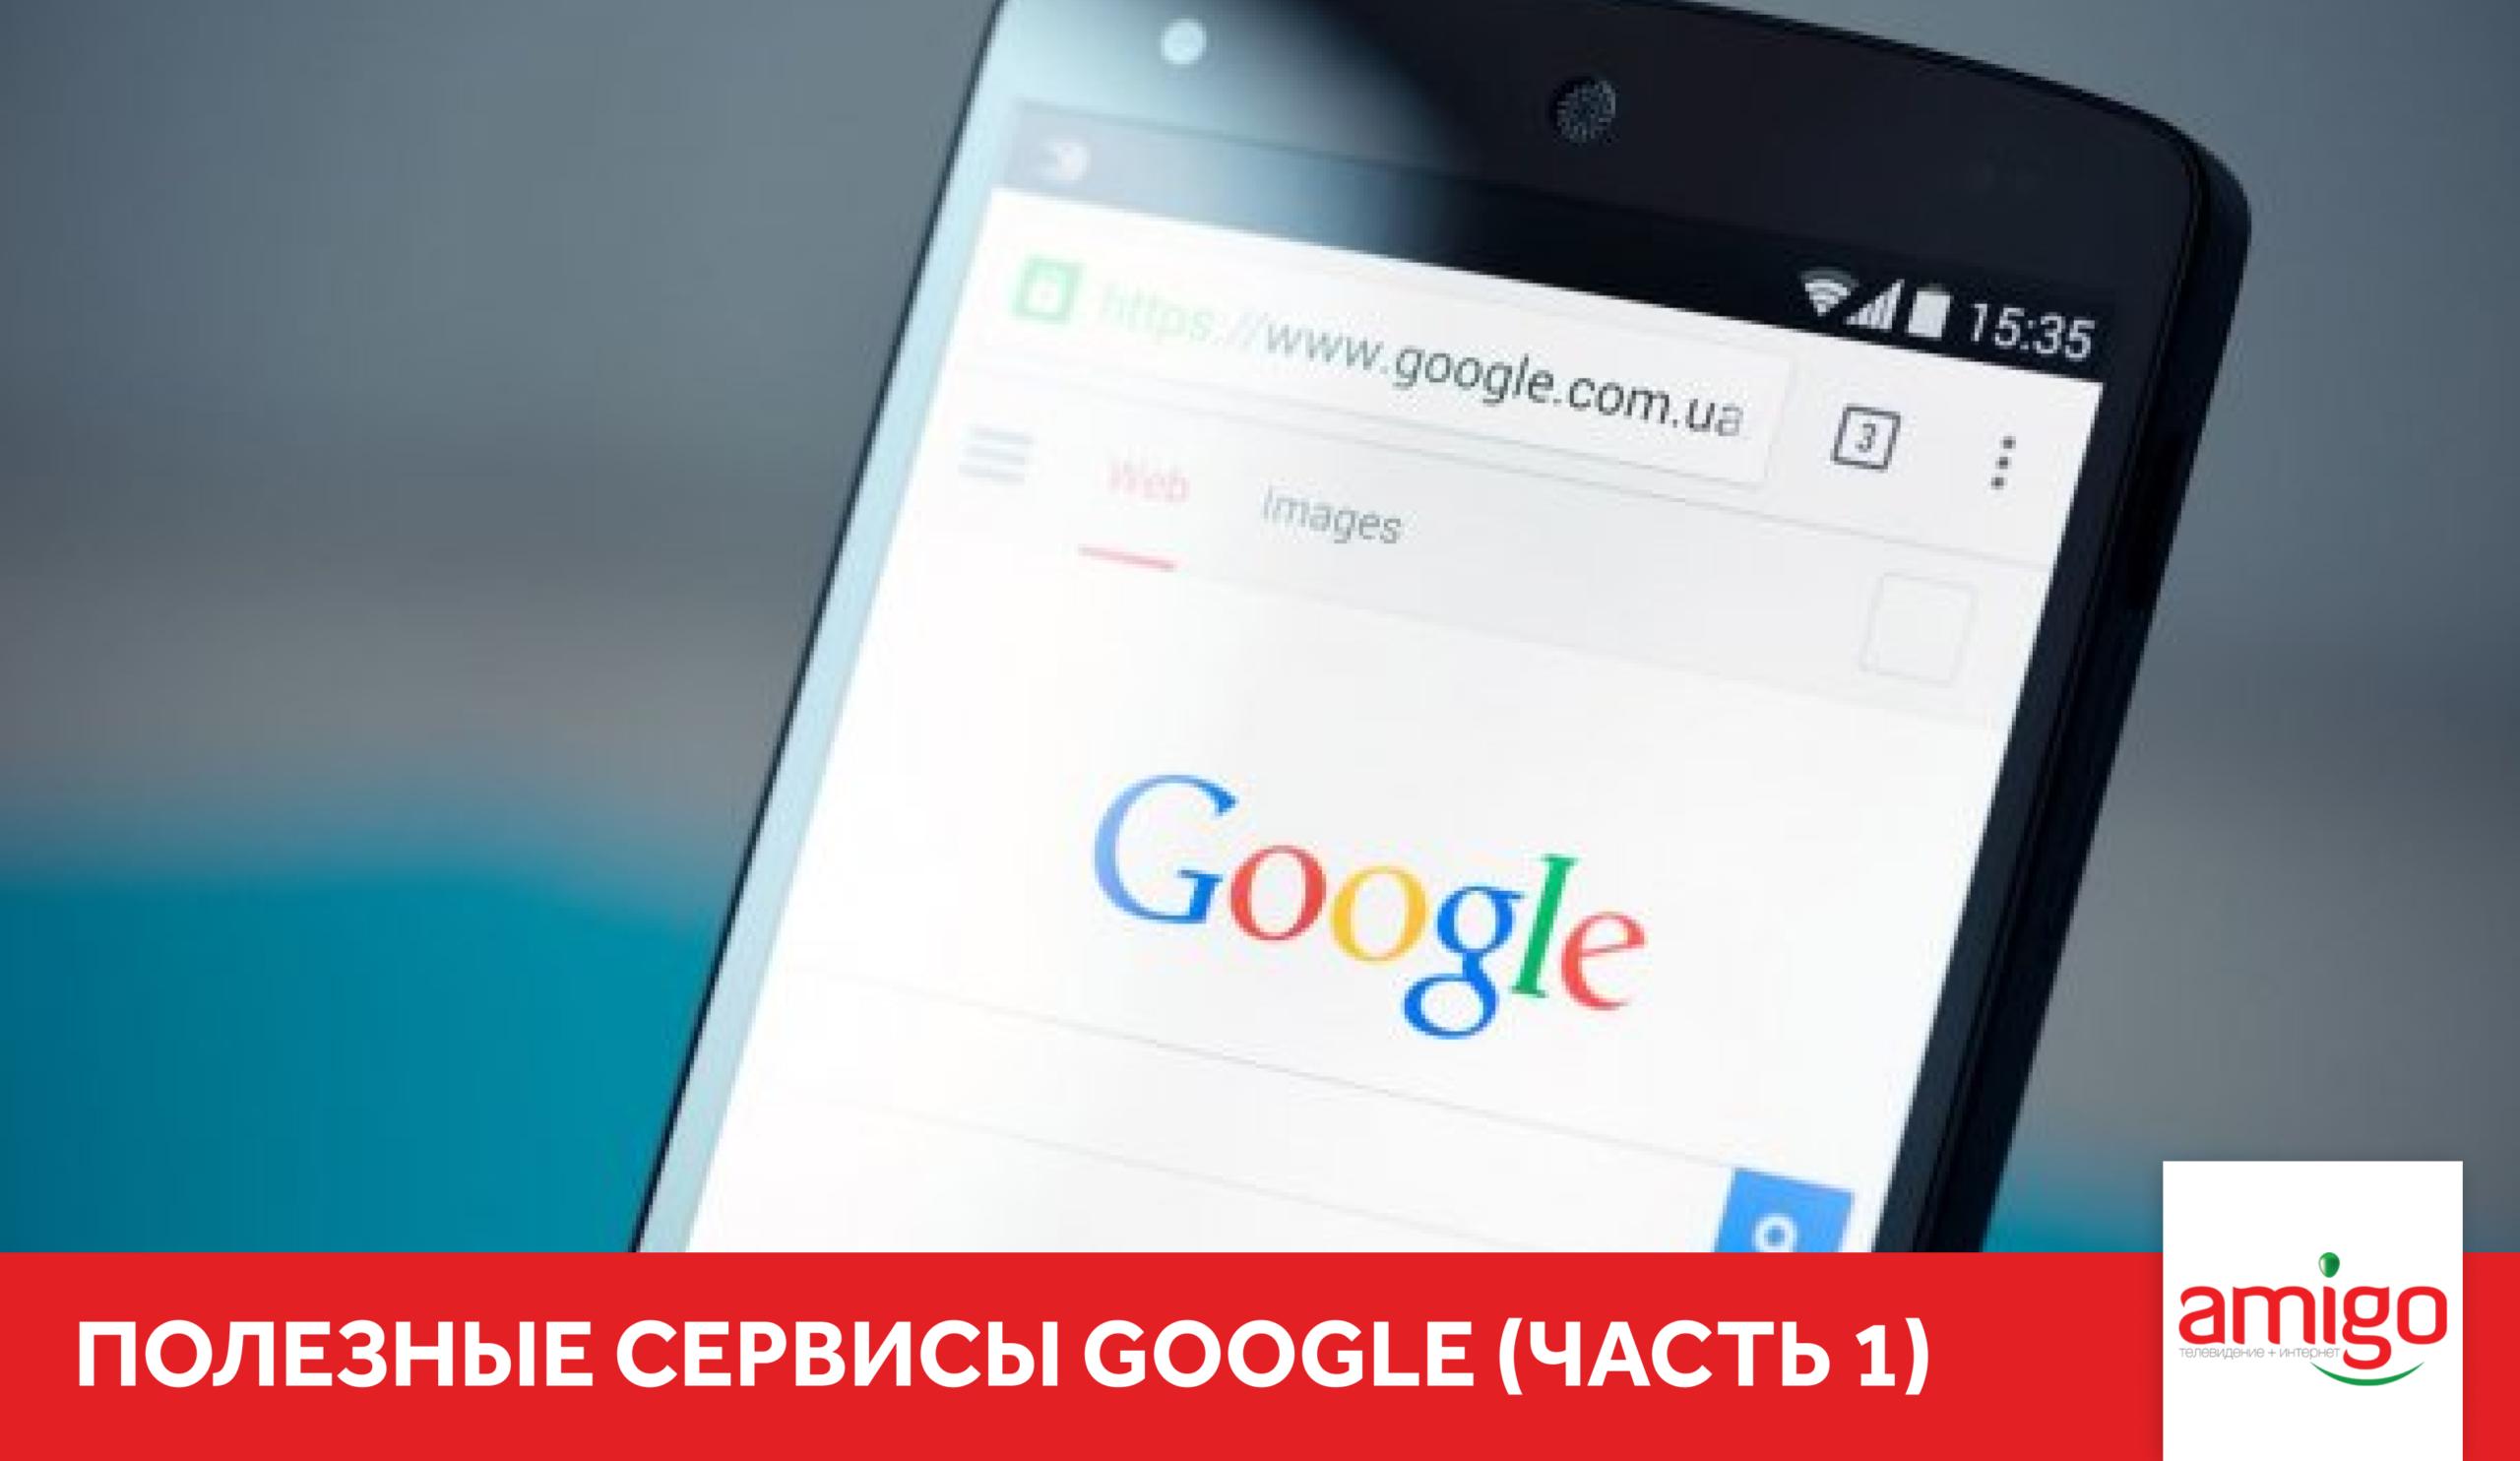 Полезные сервисы Google (Часть 1)